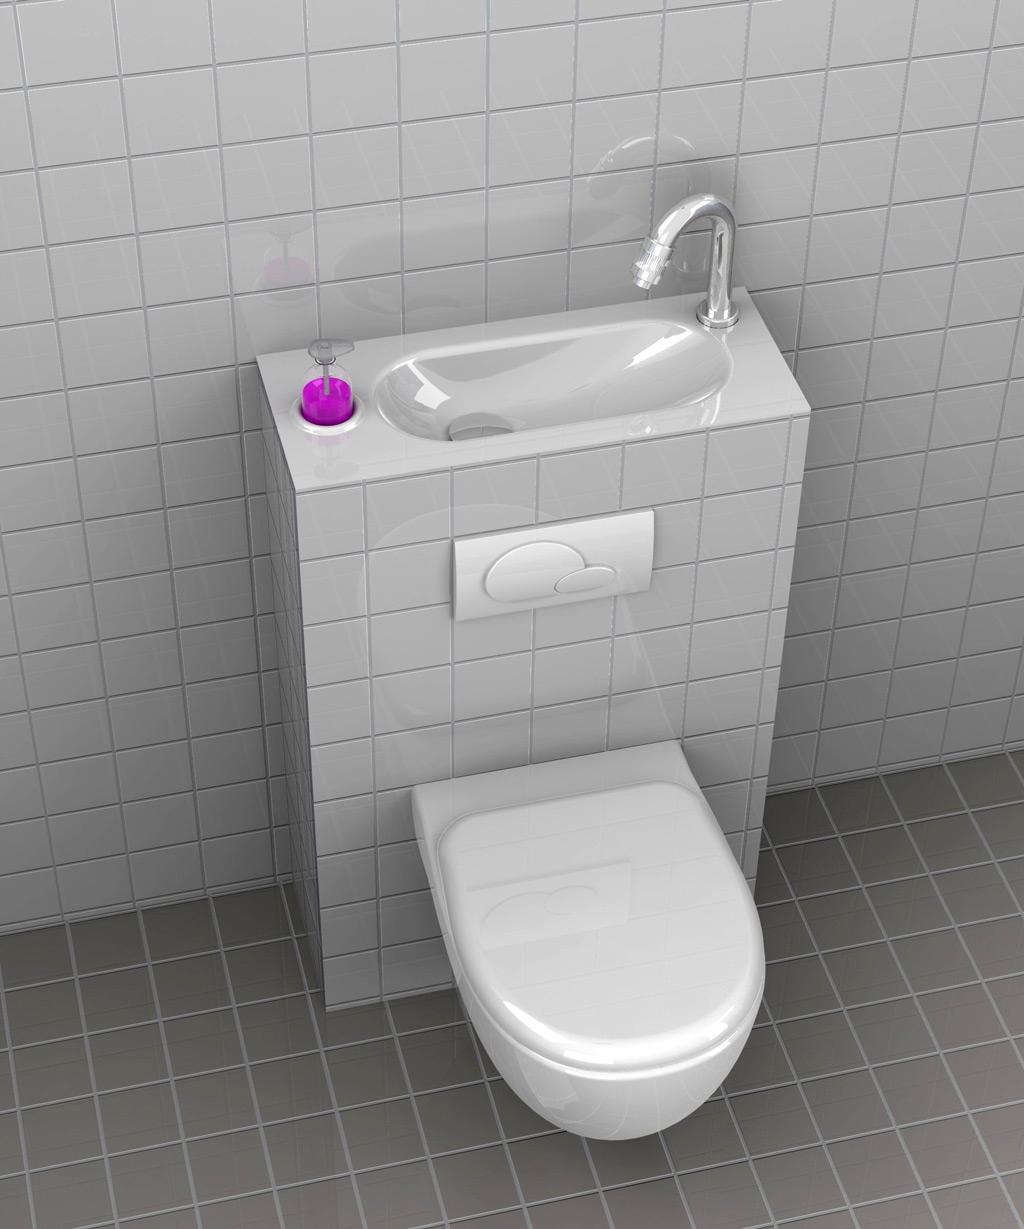 Castorama Accessoires Salle De Bain Élégant Galerie Lave Main Wc Castorama toilette Suspendu Avec Lave Main Intgr Cheap